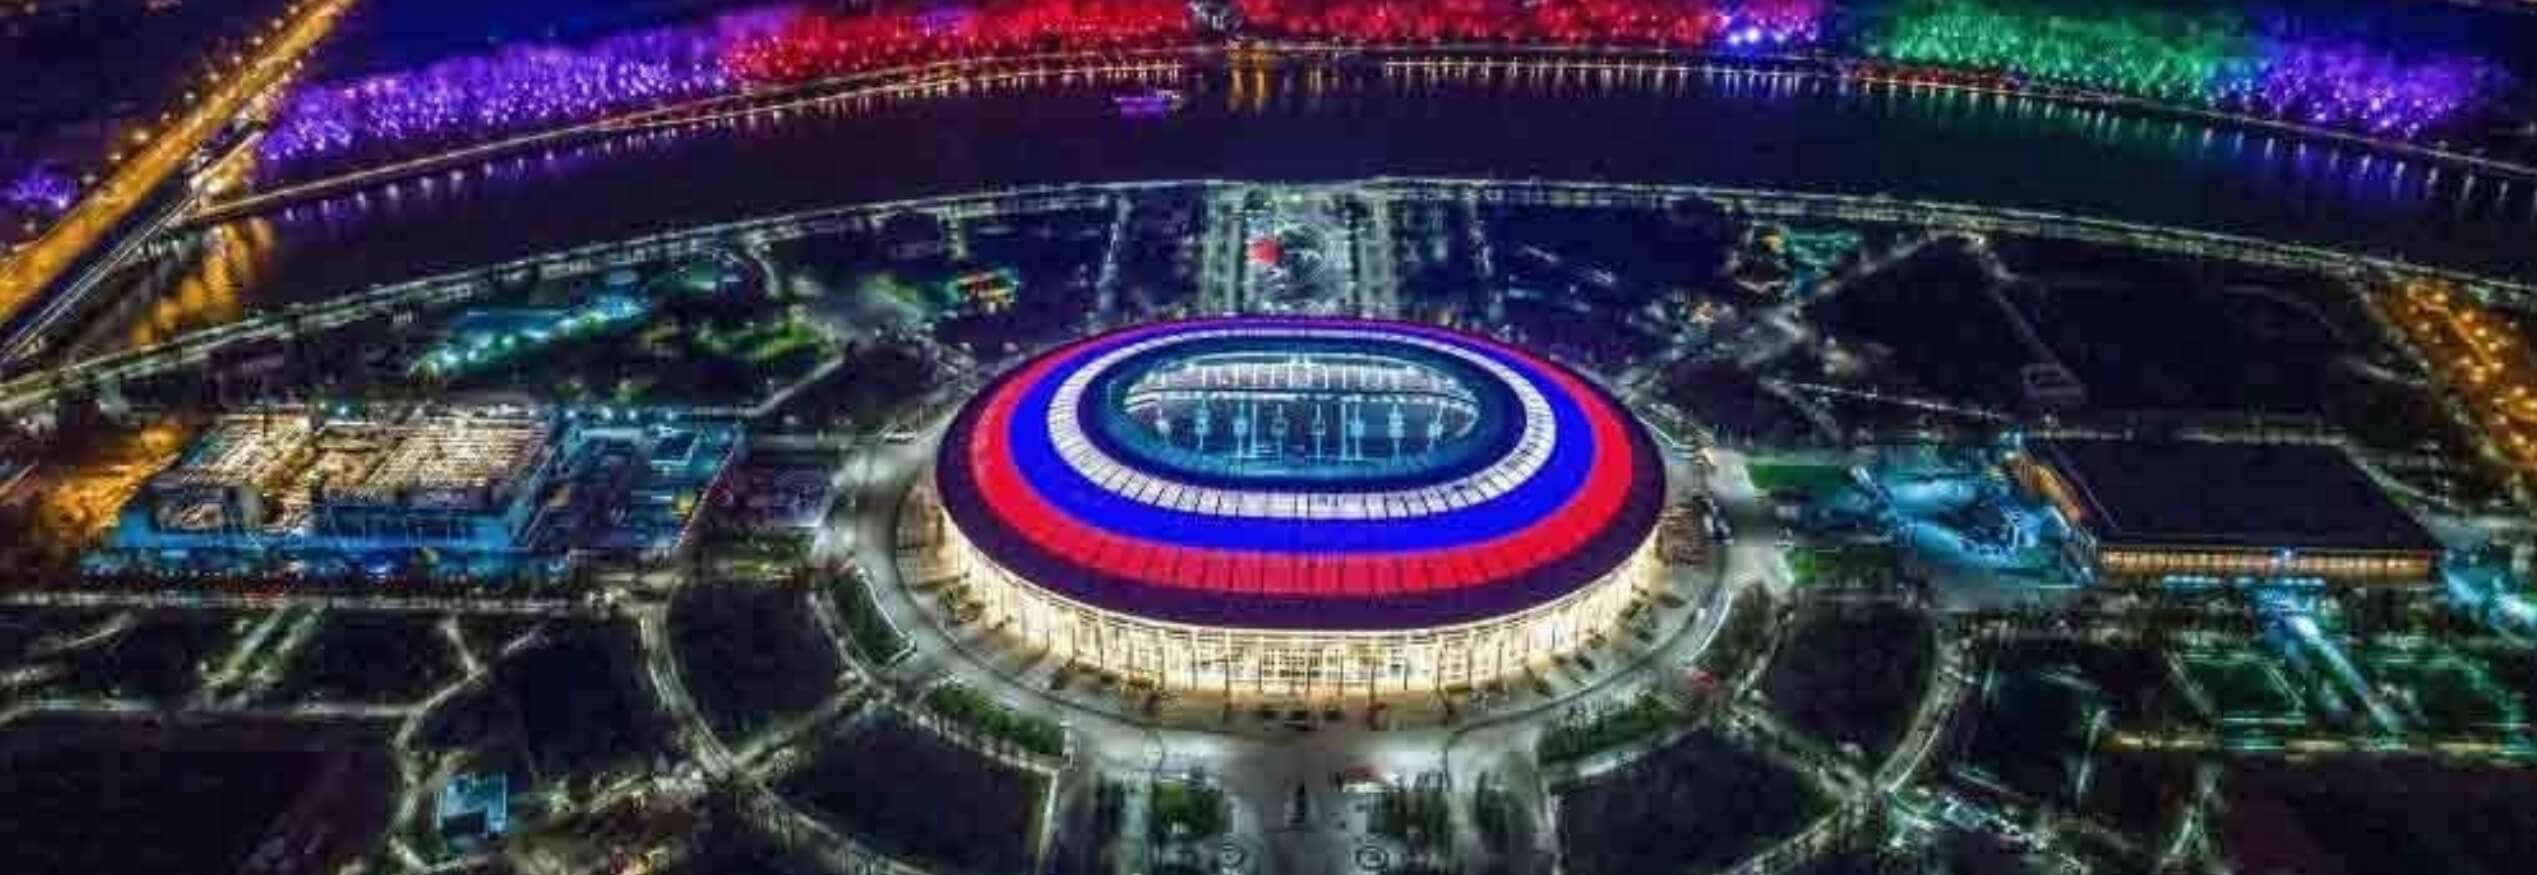 ফিফা বিশ্বকাপের উদ্বোধন ৬.৩০ মিনিটে